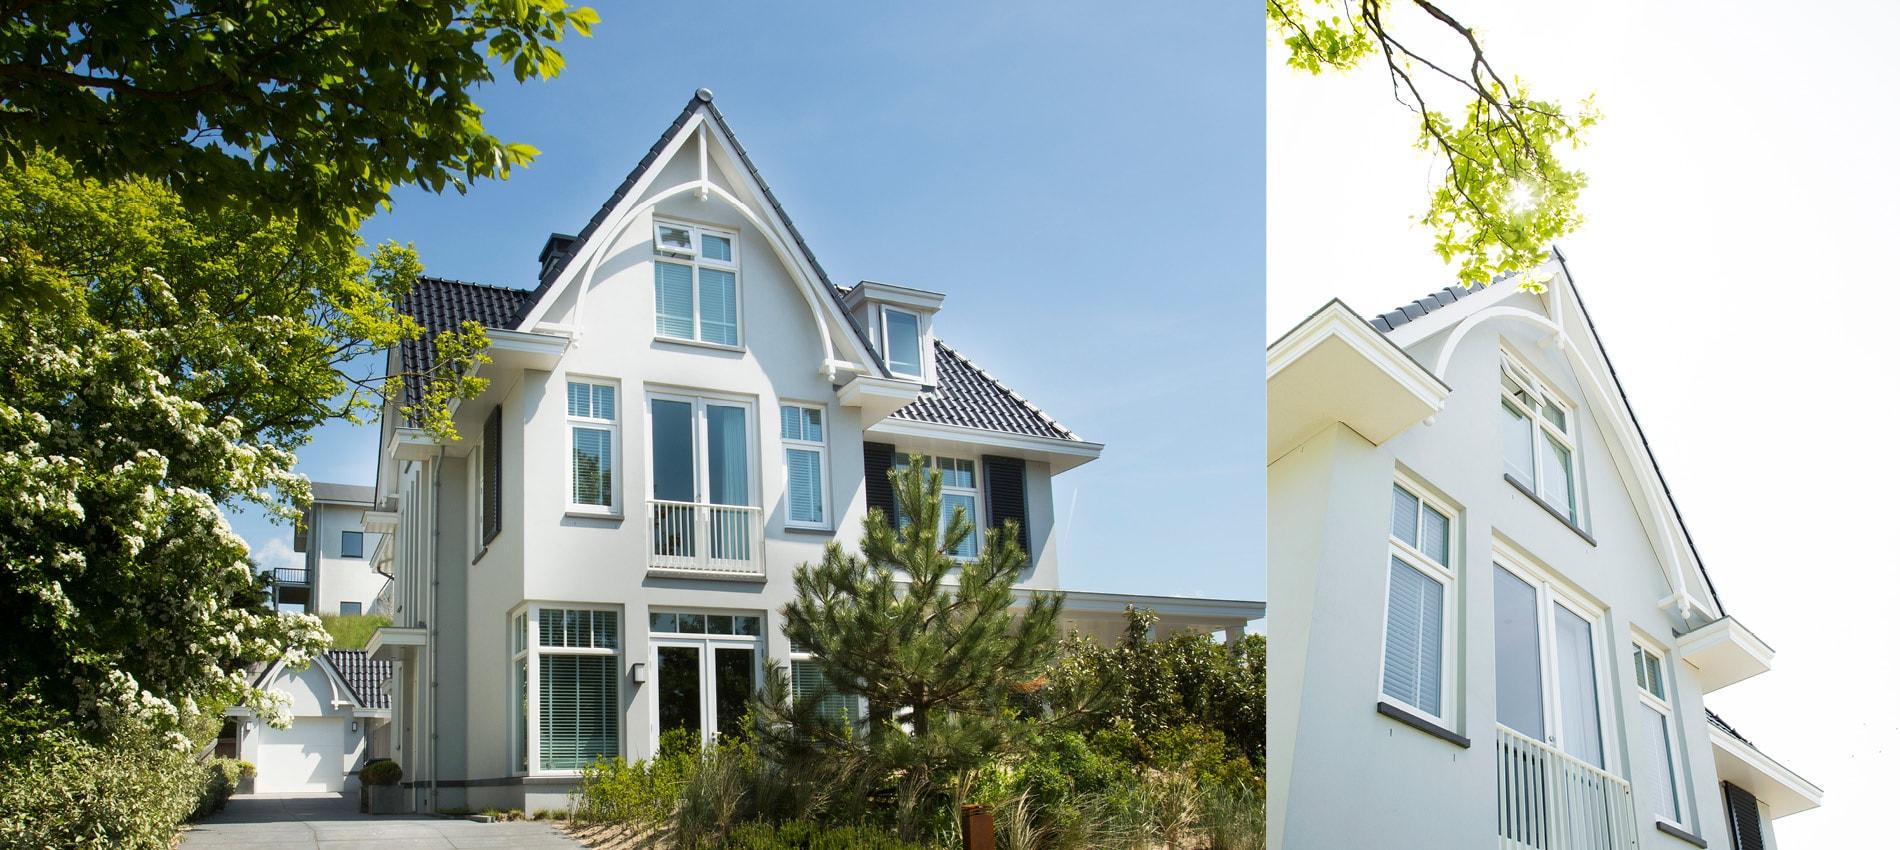 Noordwijk Duinvilla Van Egmond, Architecten